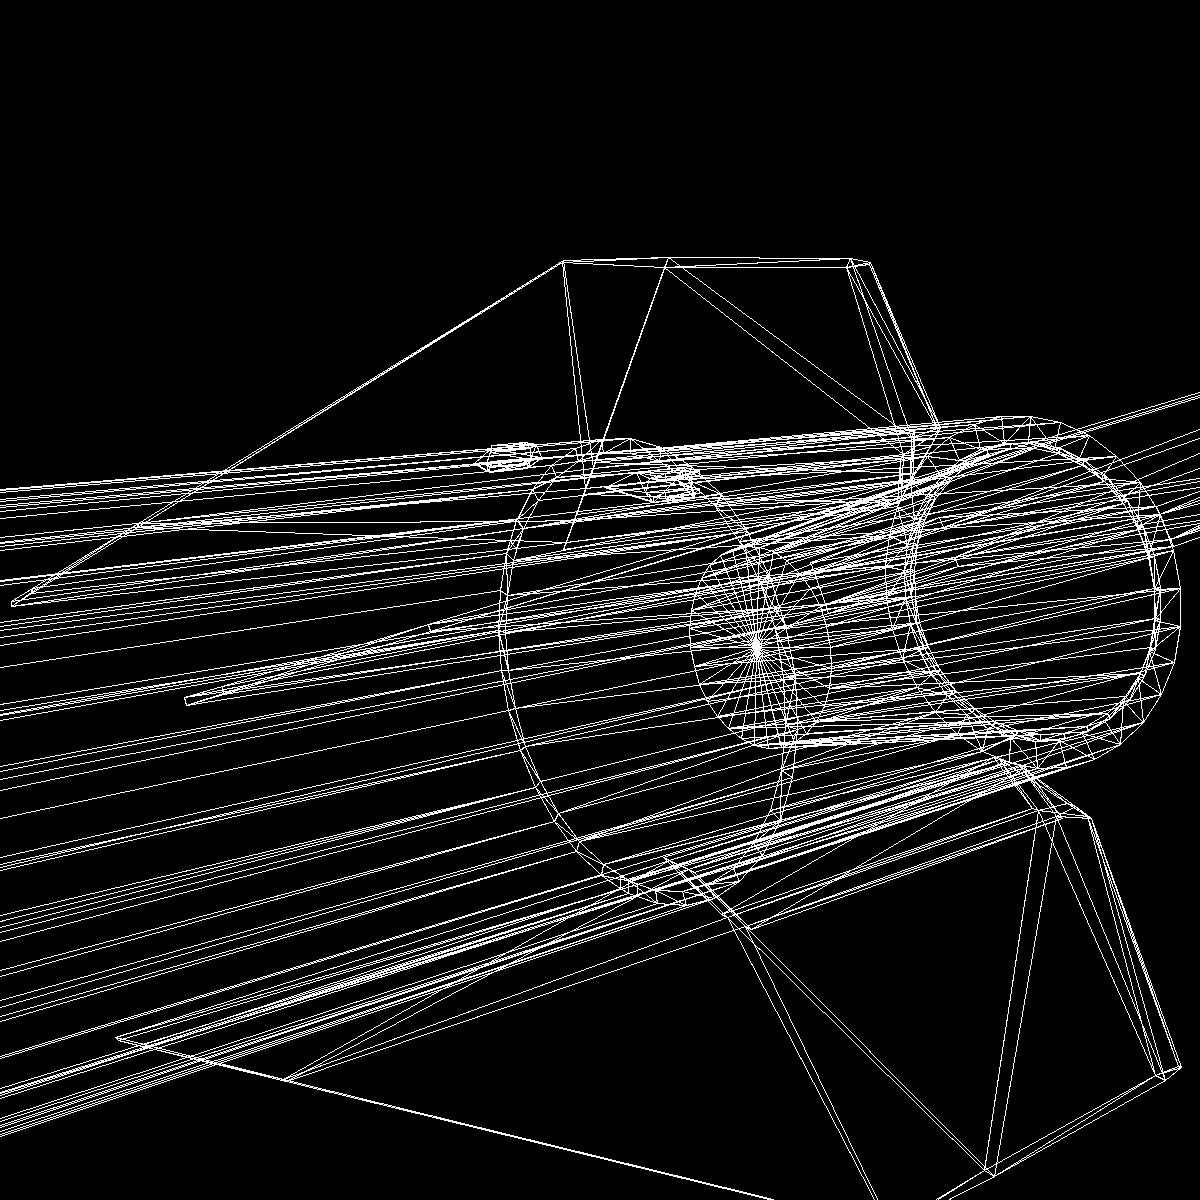 qara brant vb raketin səsləndirilməsi 3d model 3ds dxf cob x obj 150885